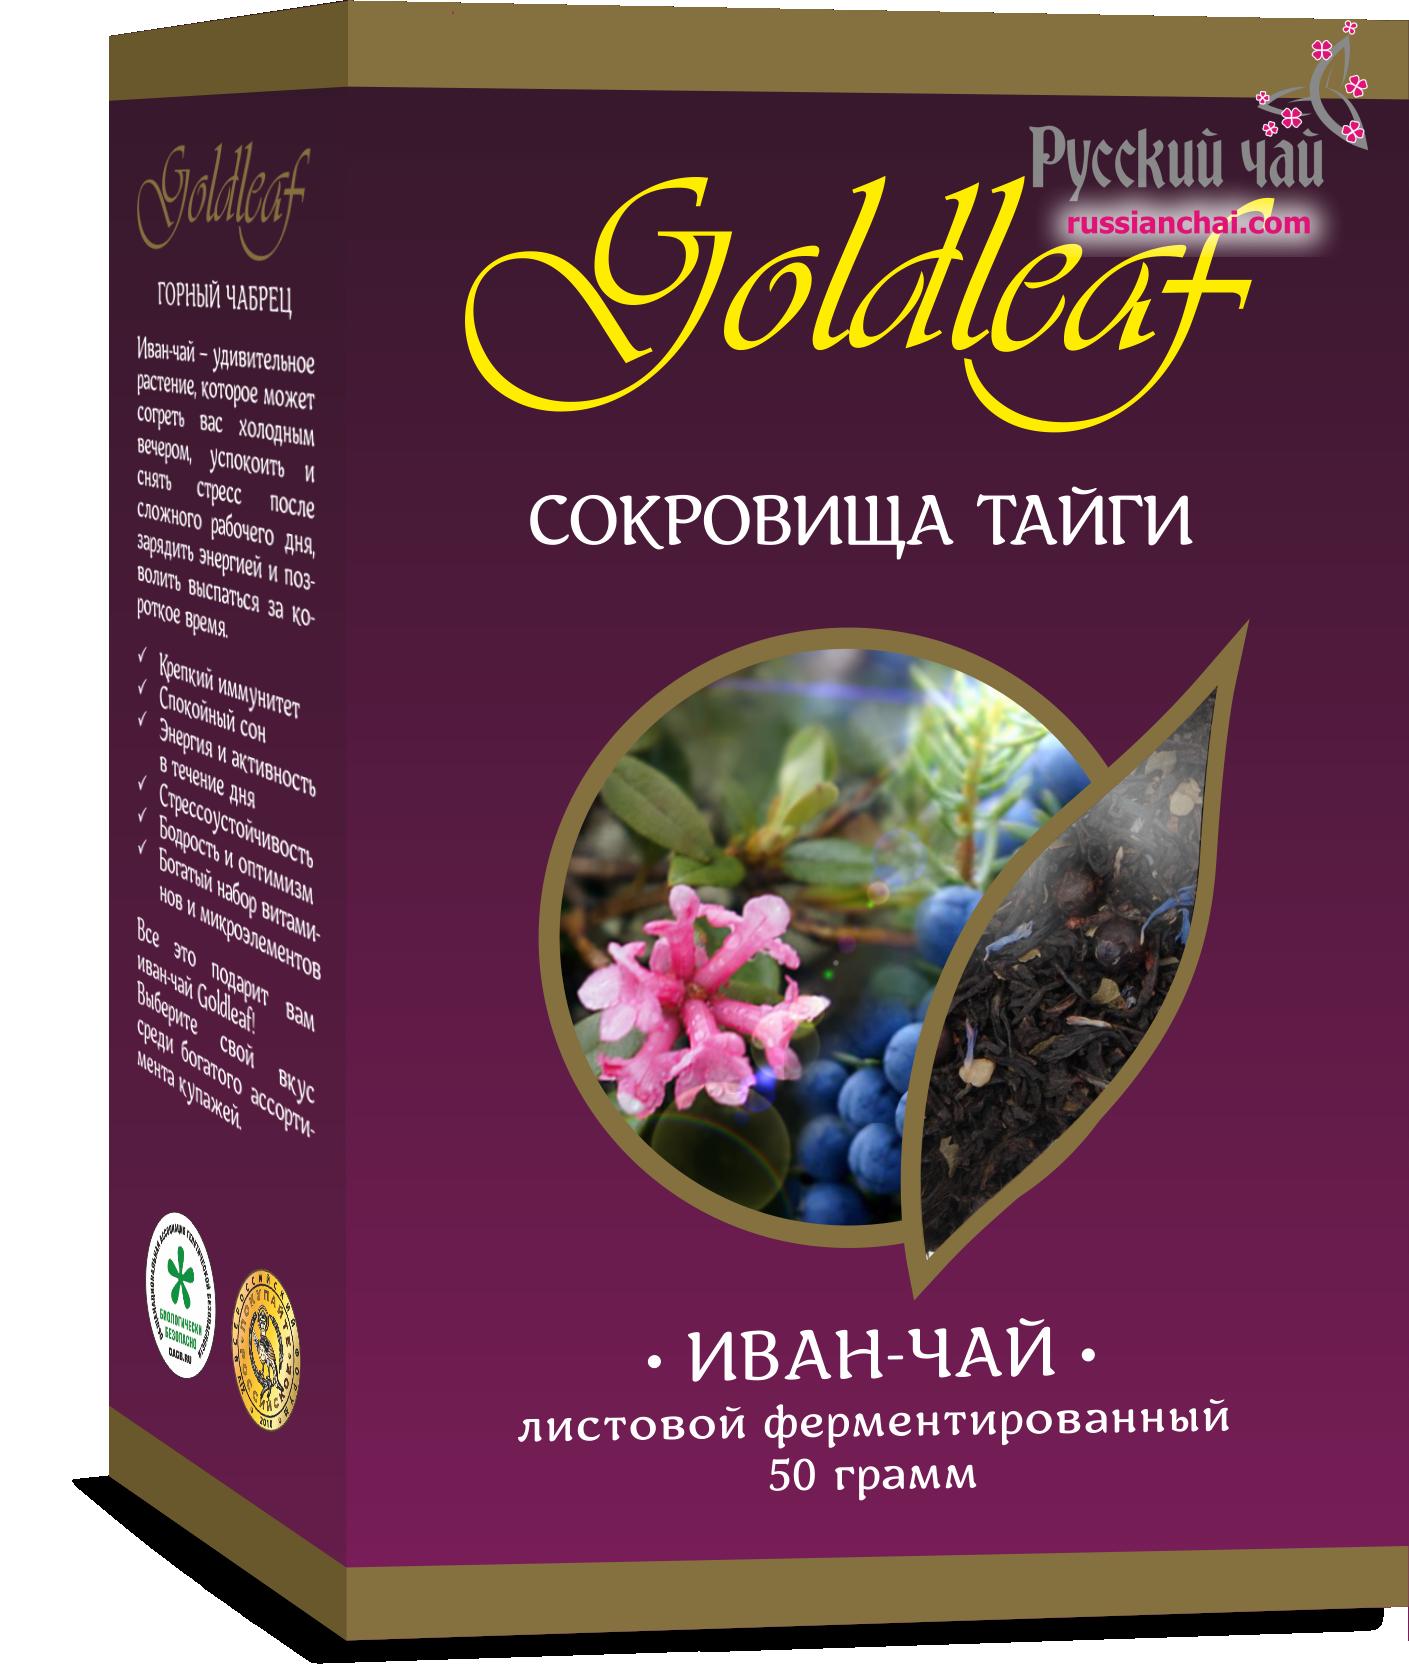 Иван-чай «Сокровища тайги»